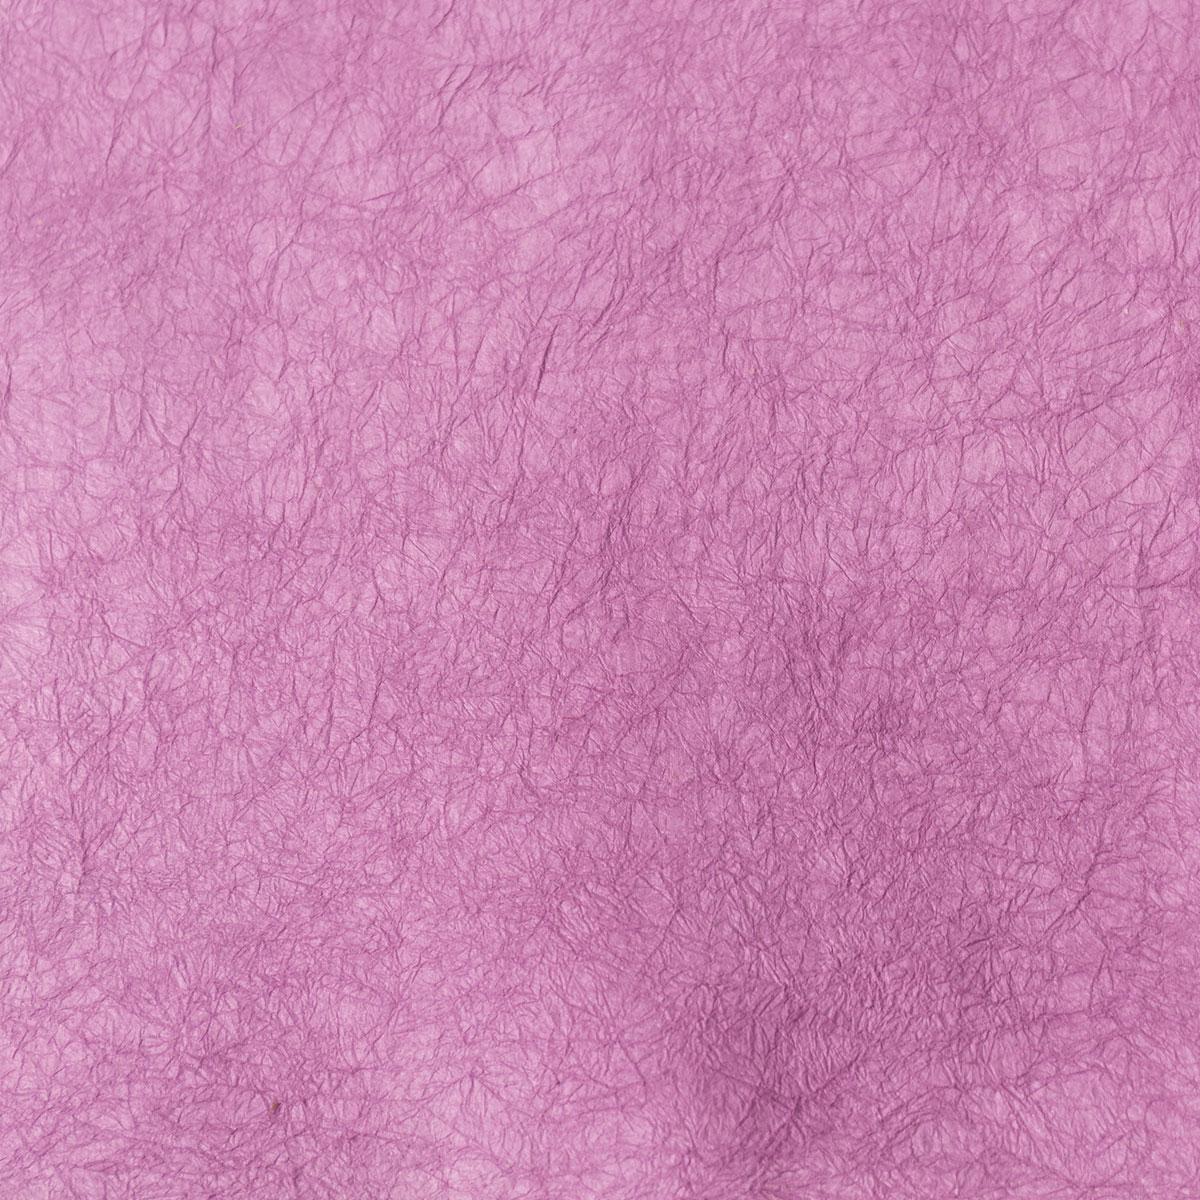 王朝のそめいろ 厚口 5番 浅紫